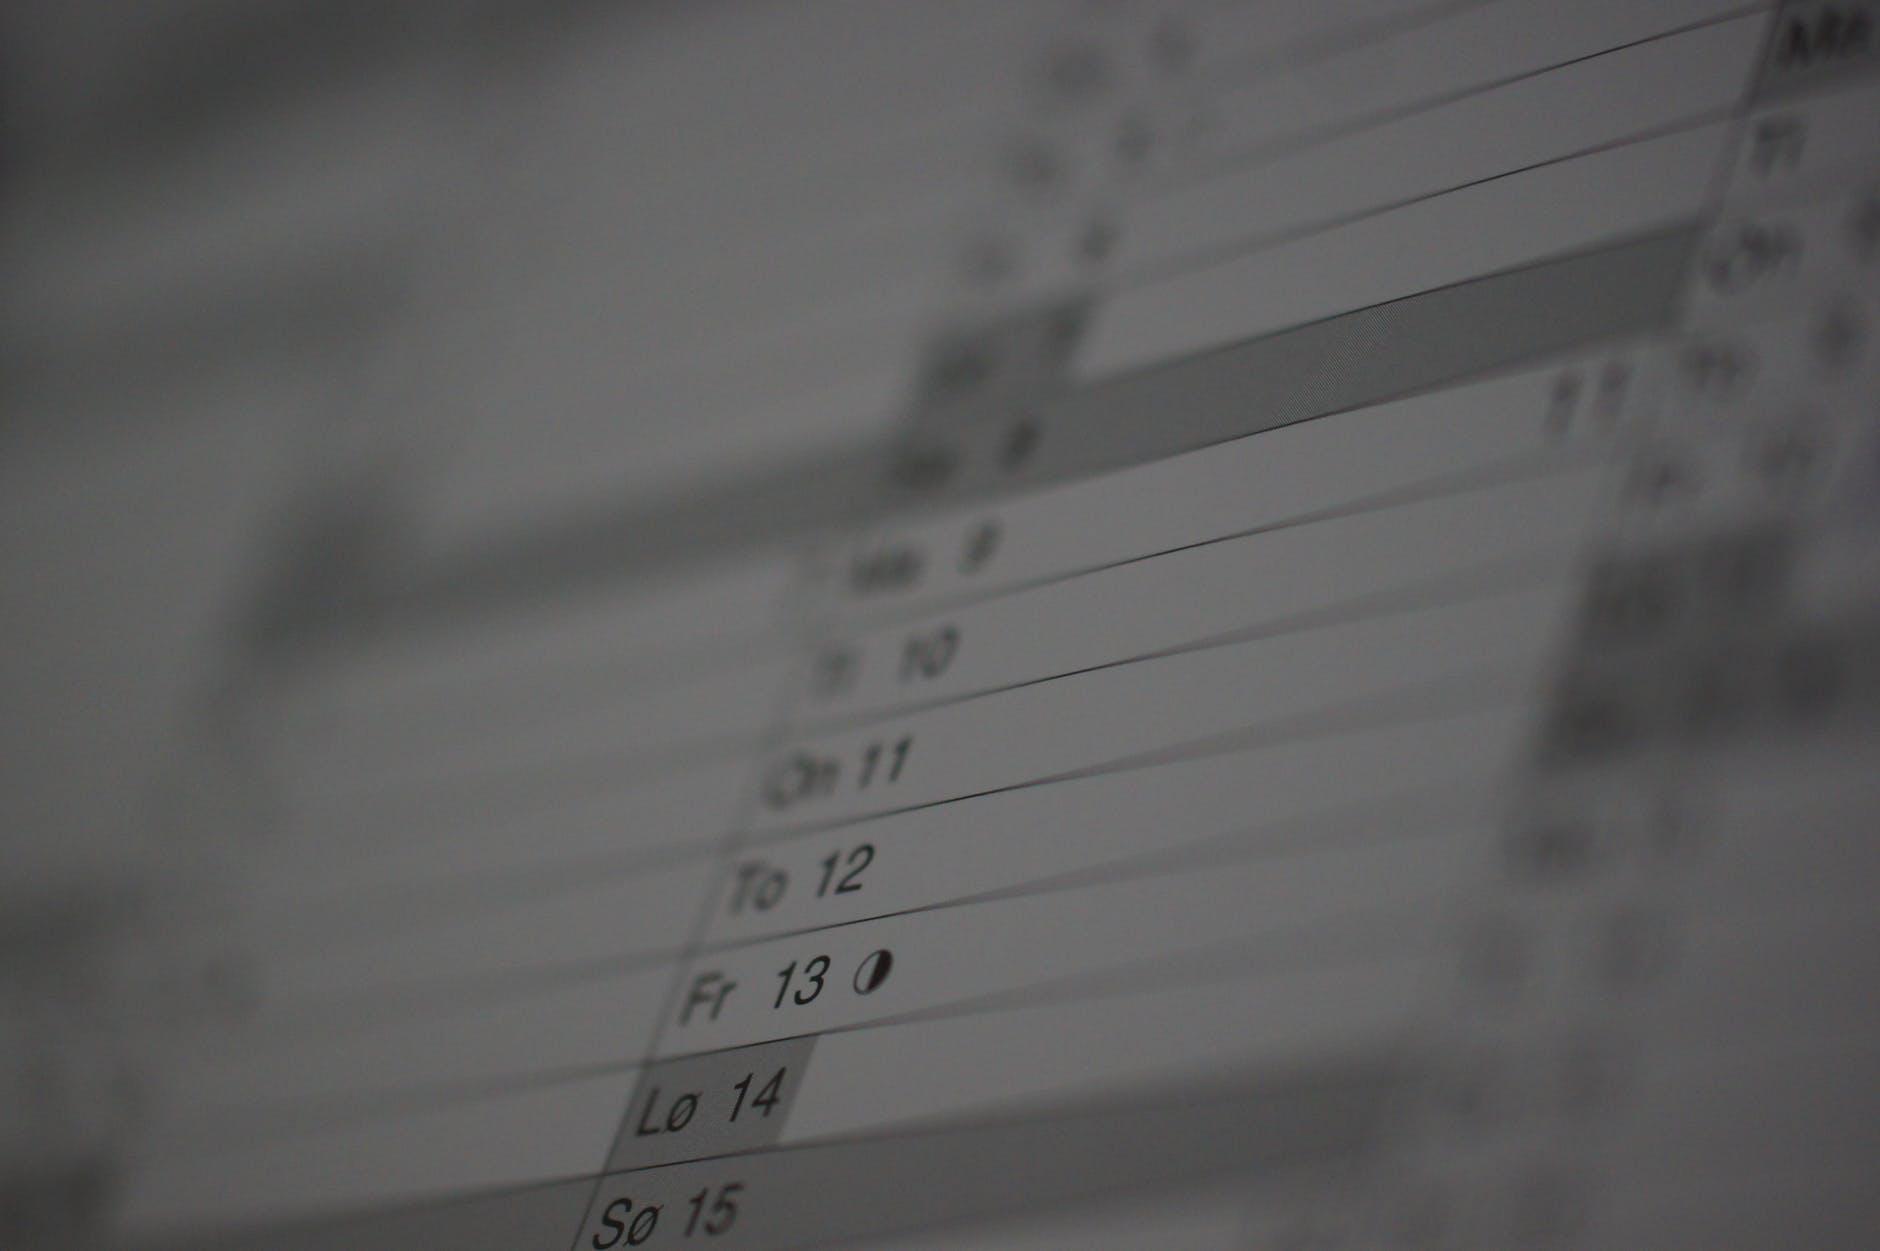 blur calendar date note